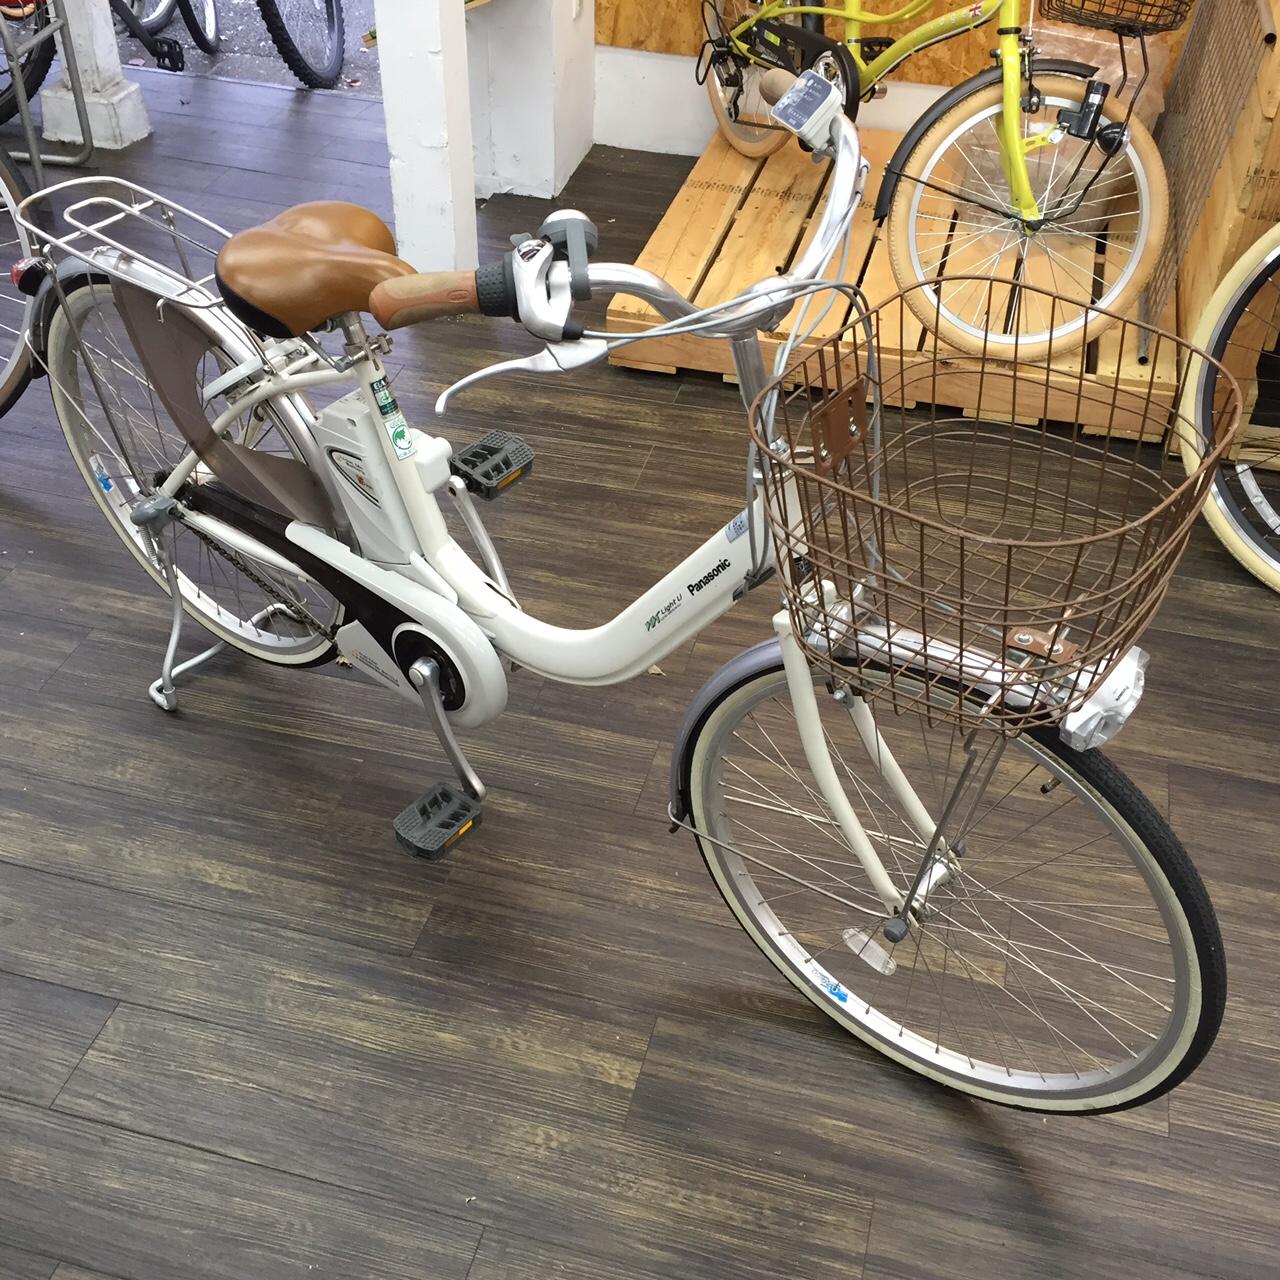 中古自転車 中古自転車 京都 : 自転車 Vivi LIGHT-U | 京都の中古 ...